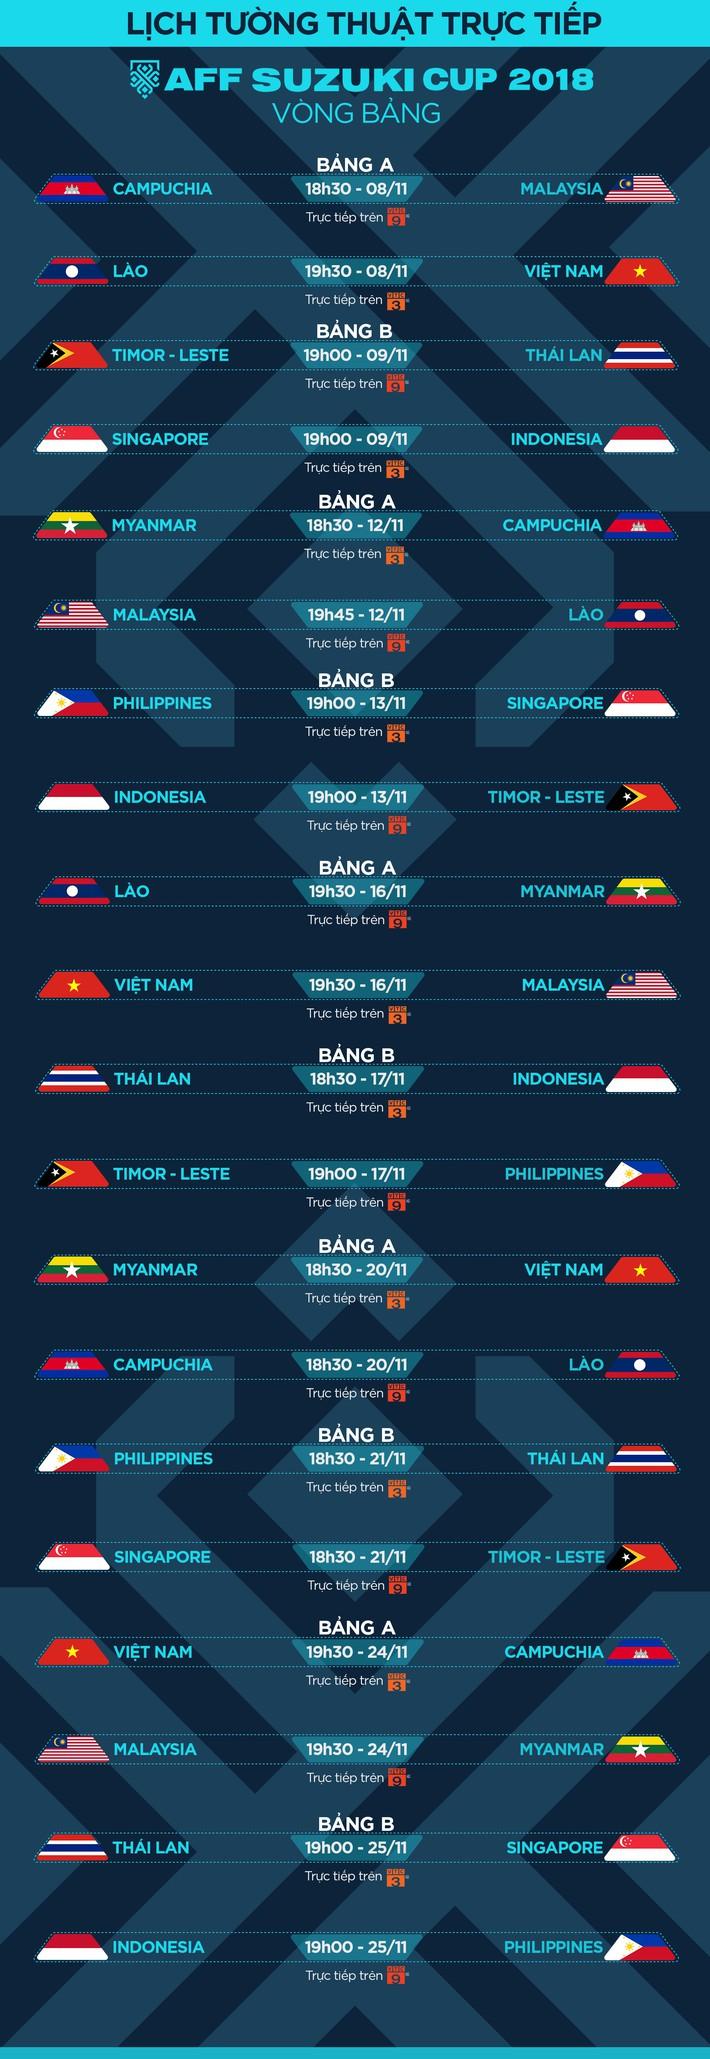 Lịch thi đấu và truyền hình trực tiếp AFF Cup 2018 ngày 21/11 - Ảnh 4.